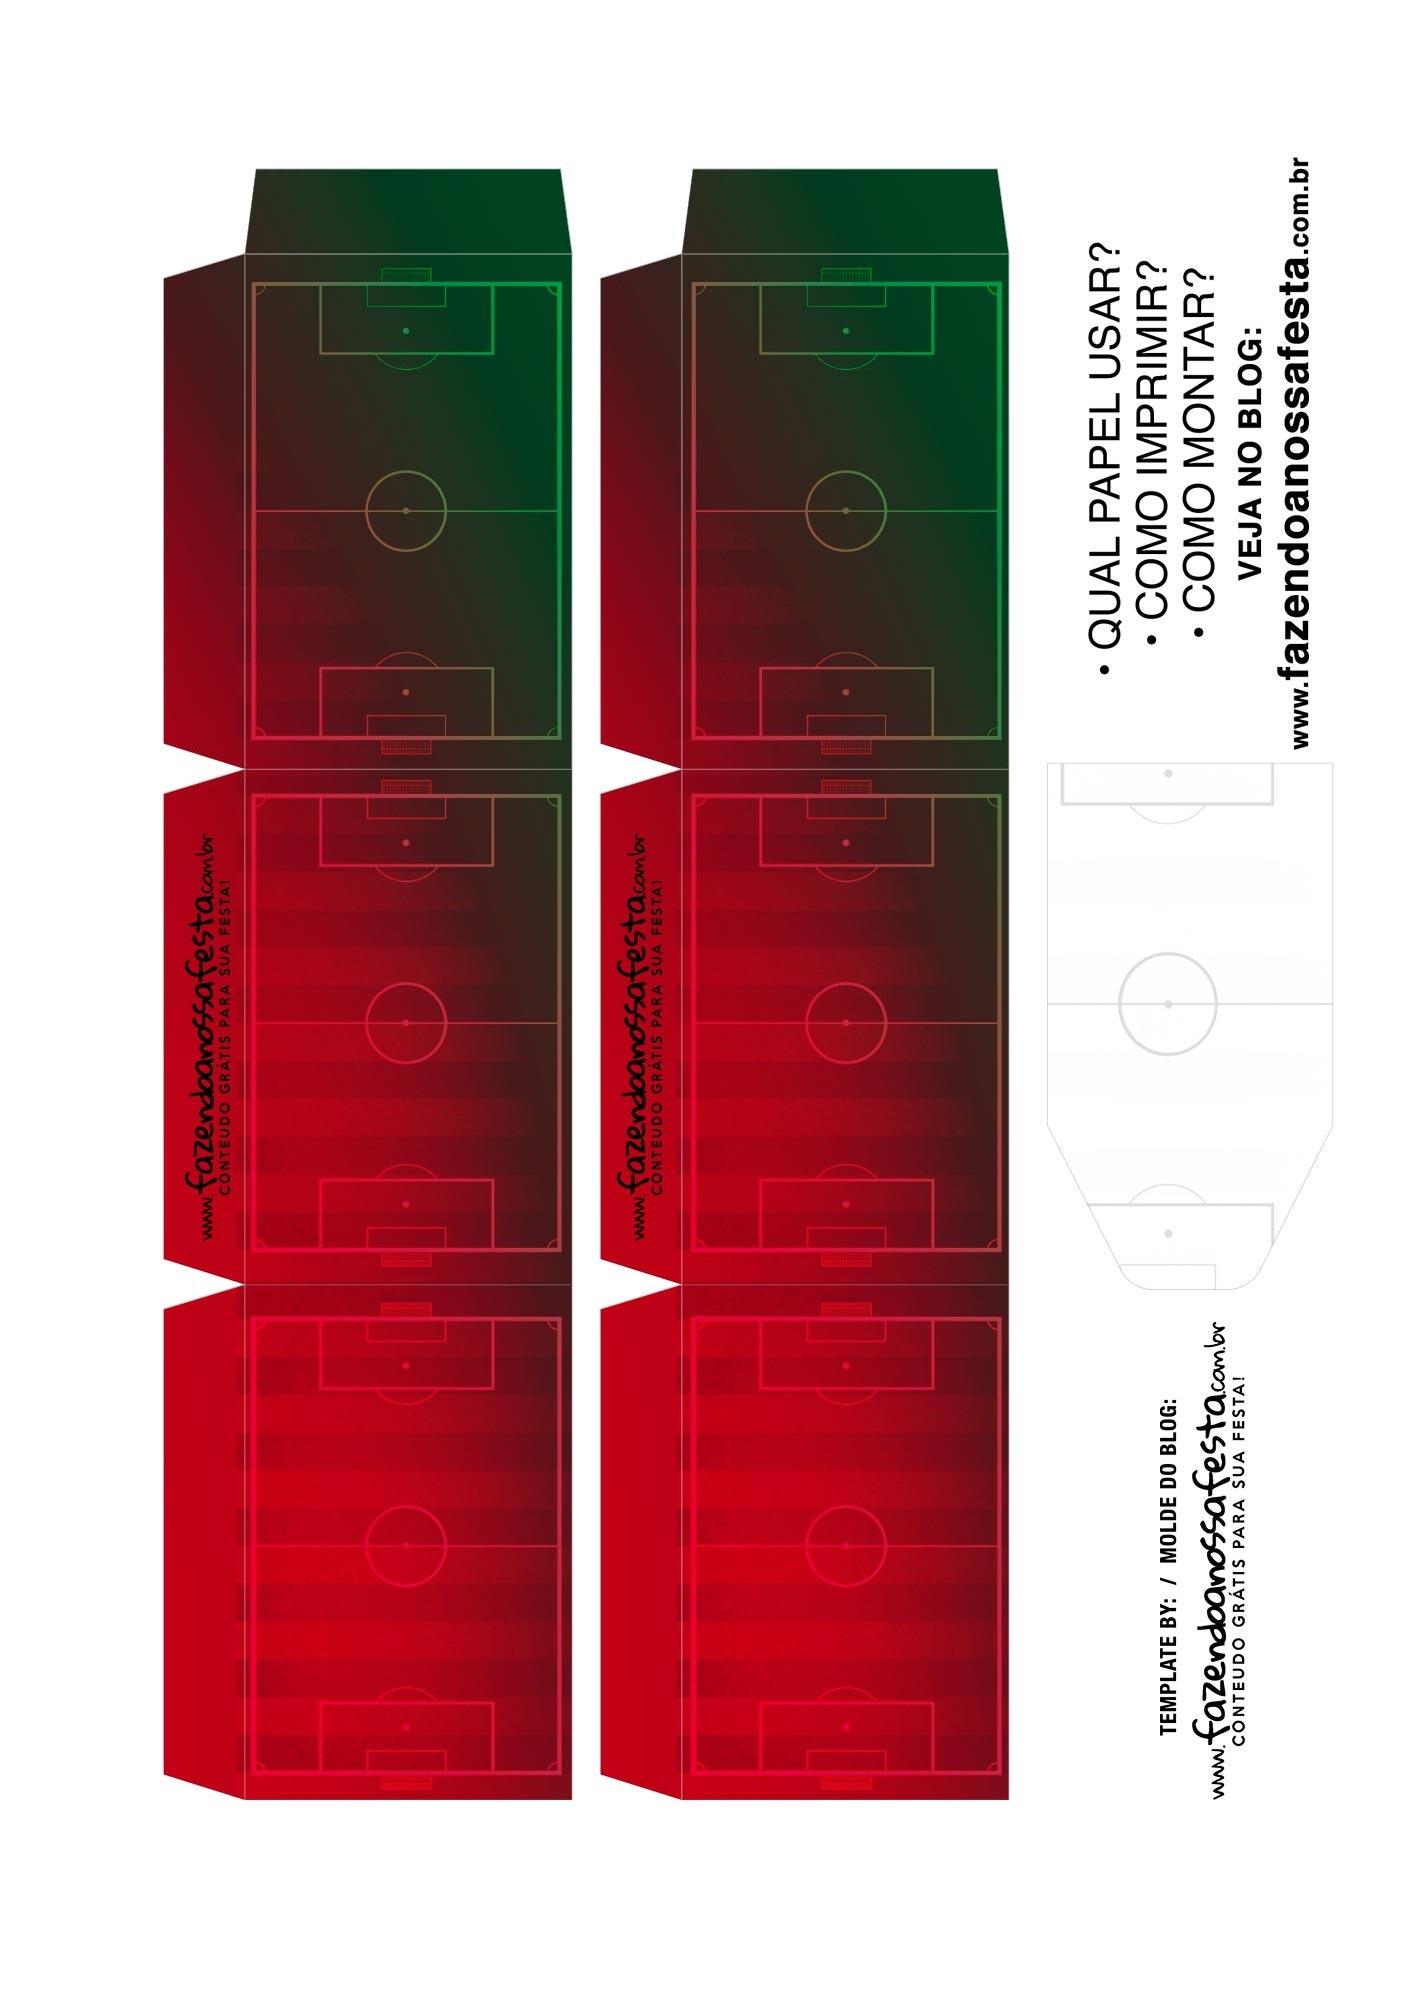 Caixa Explosiva Parte 2 Fluminense